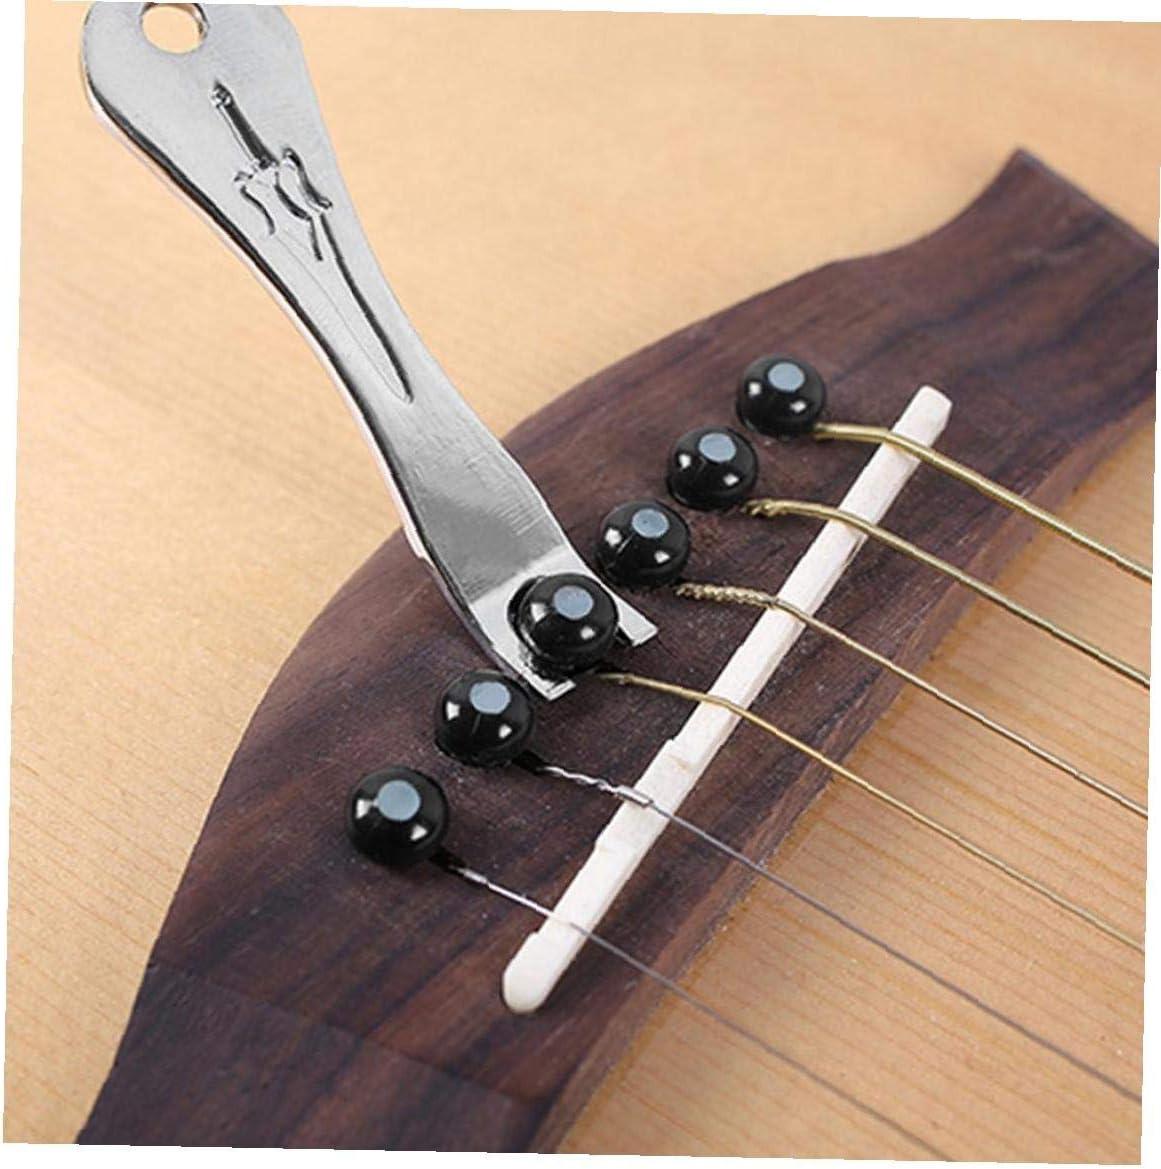 Chitarra perni del ponticello Scopare dado Pin Estrattore Remover per classico acustico chitarra accessori 15PCS di ricambio